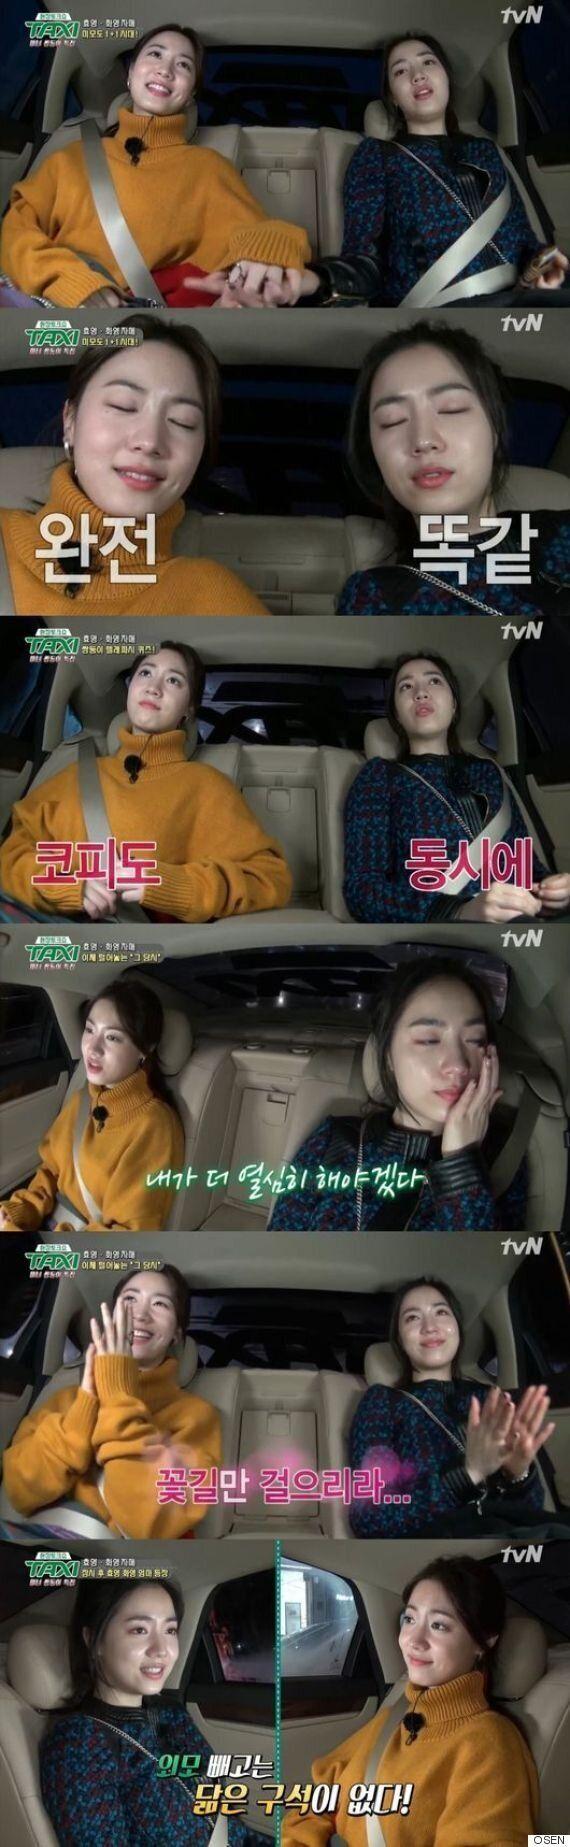 [어저께TV] '택시' 효영X화영, 아픔도 기쁨도 함께 하는